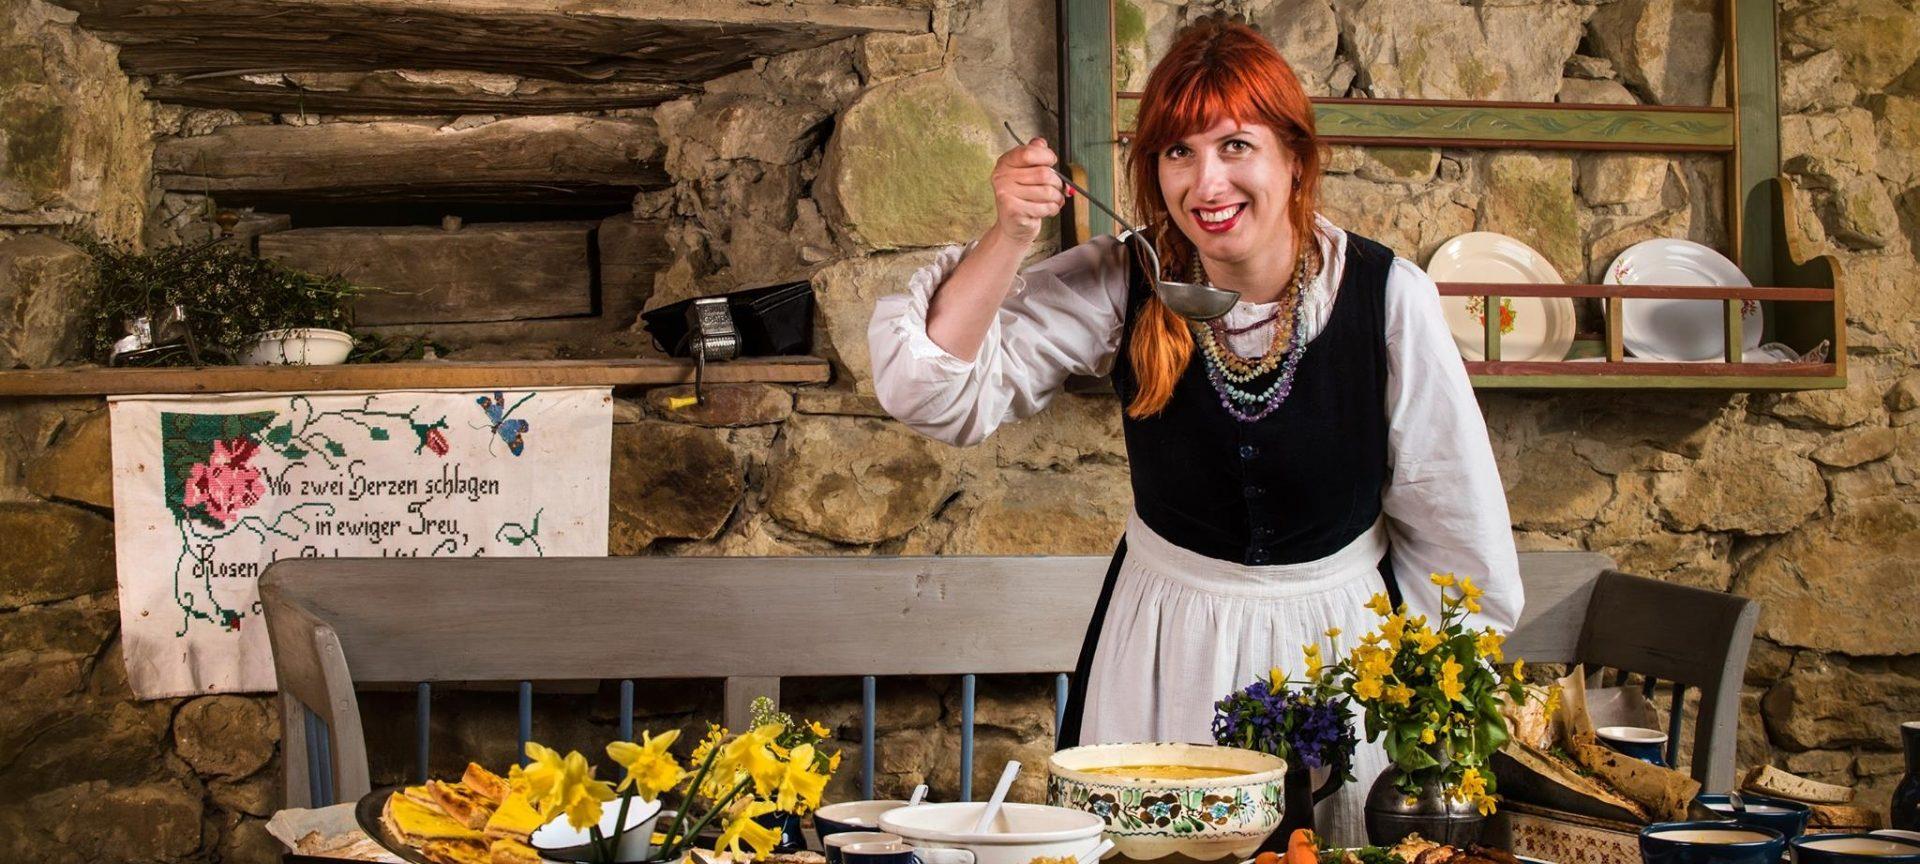 Fata care gătește cu flori